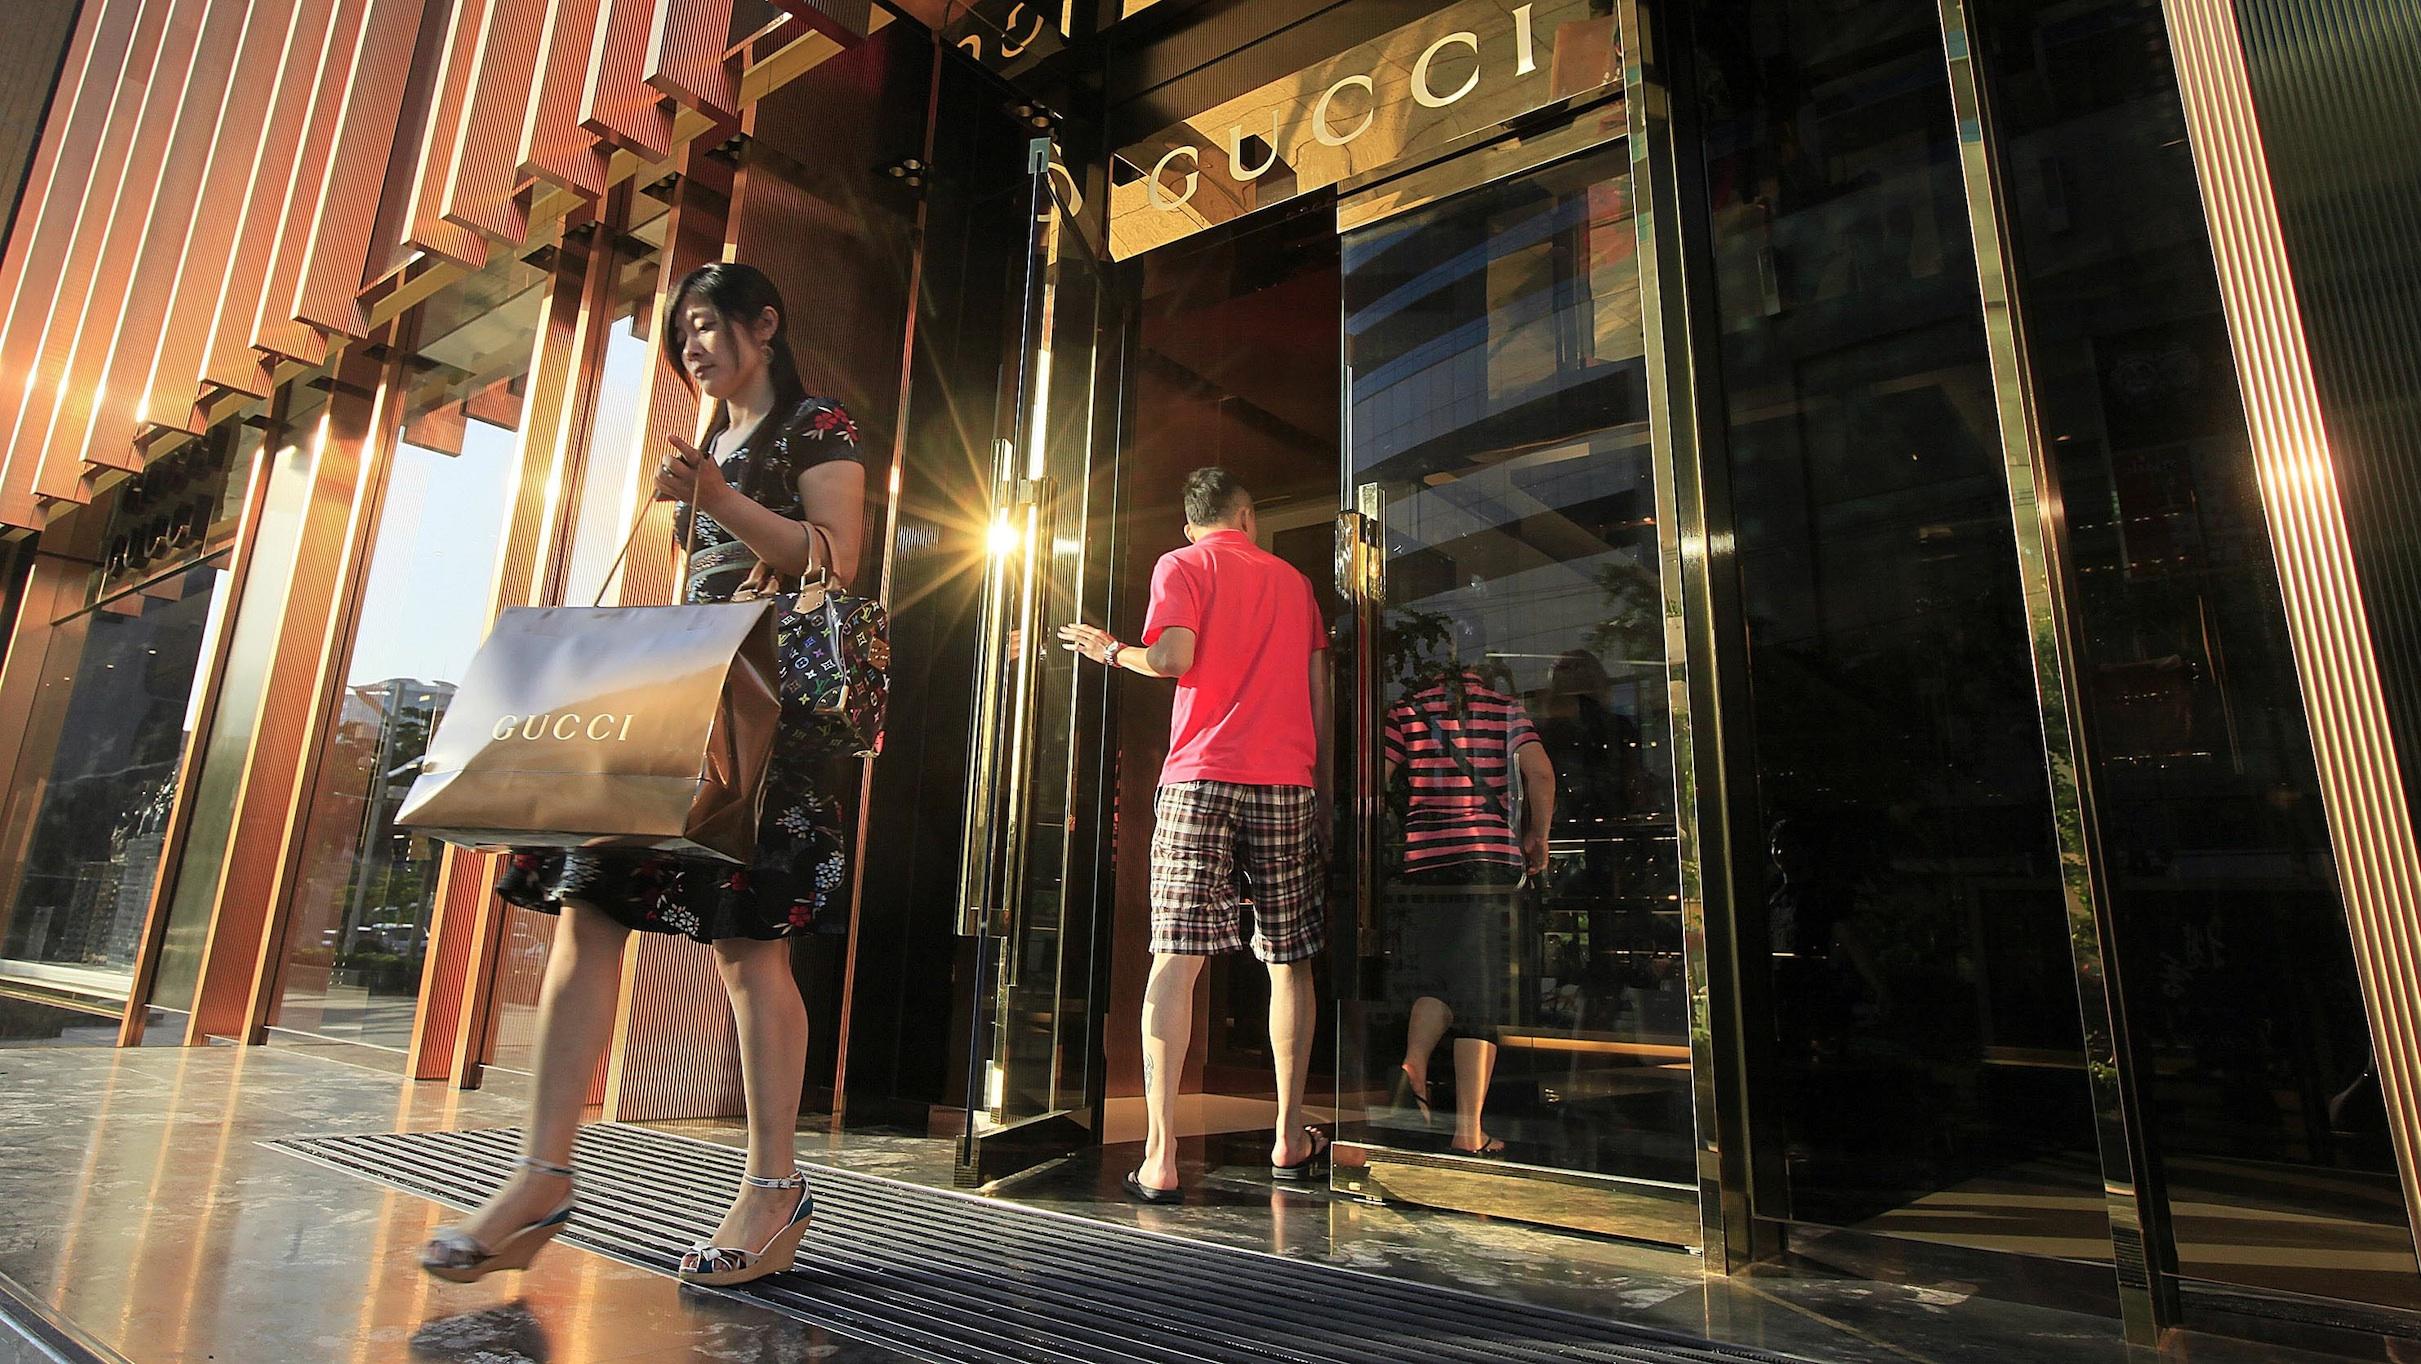 rich shopper in china